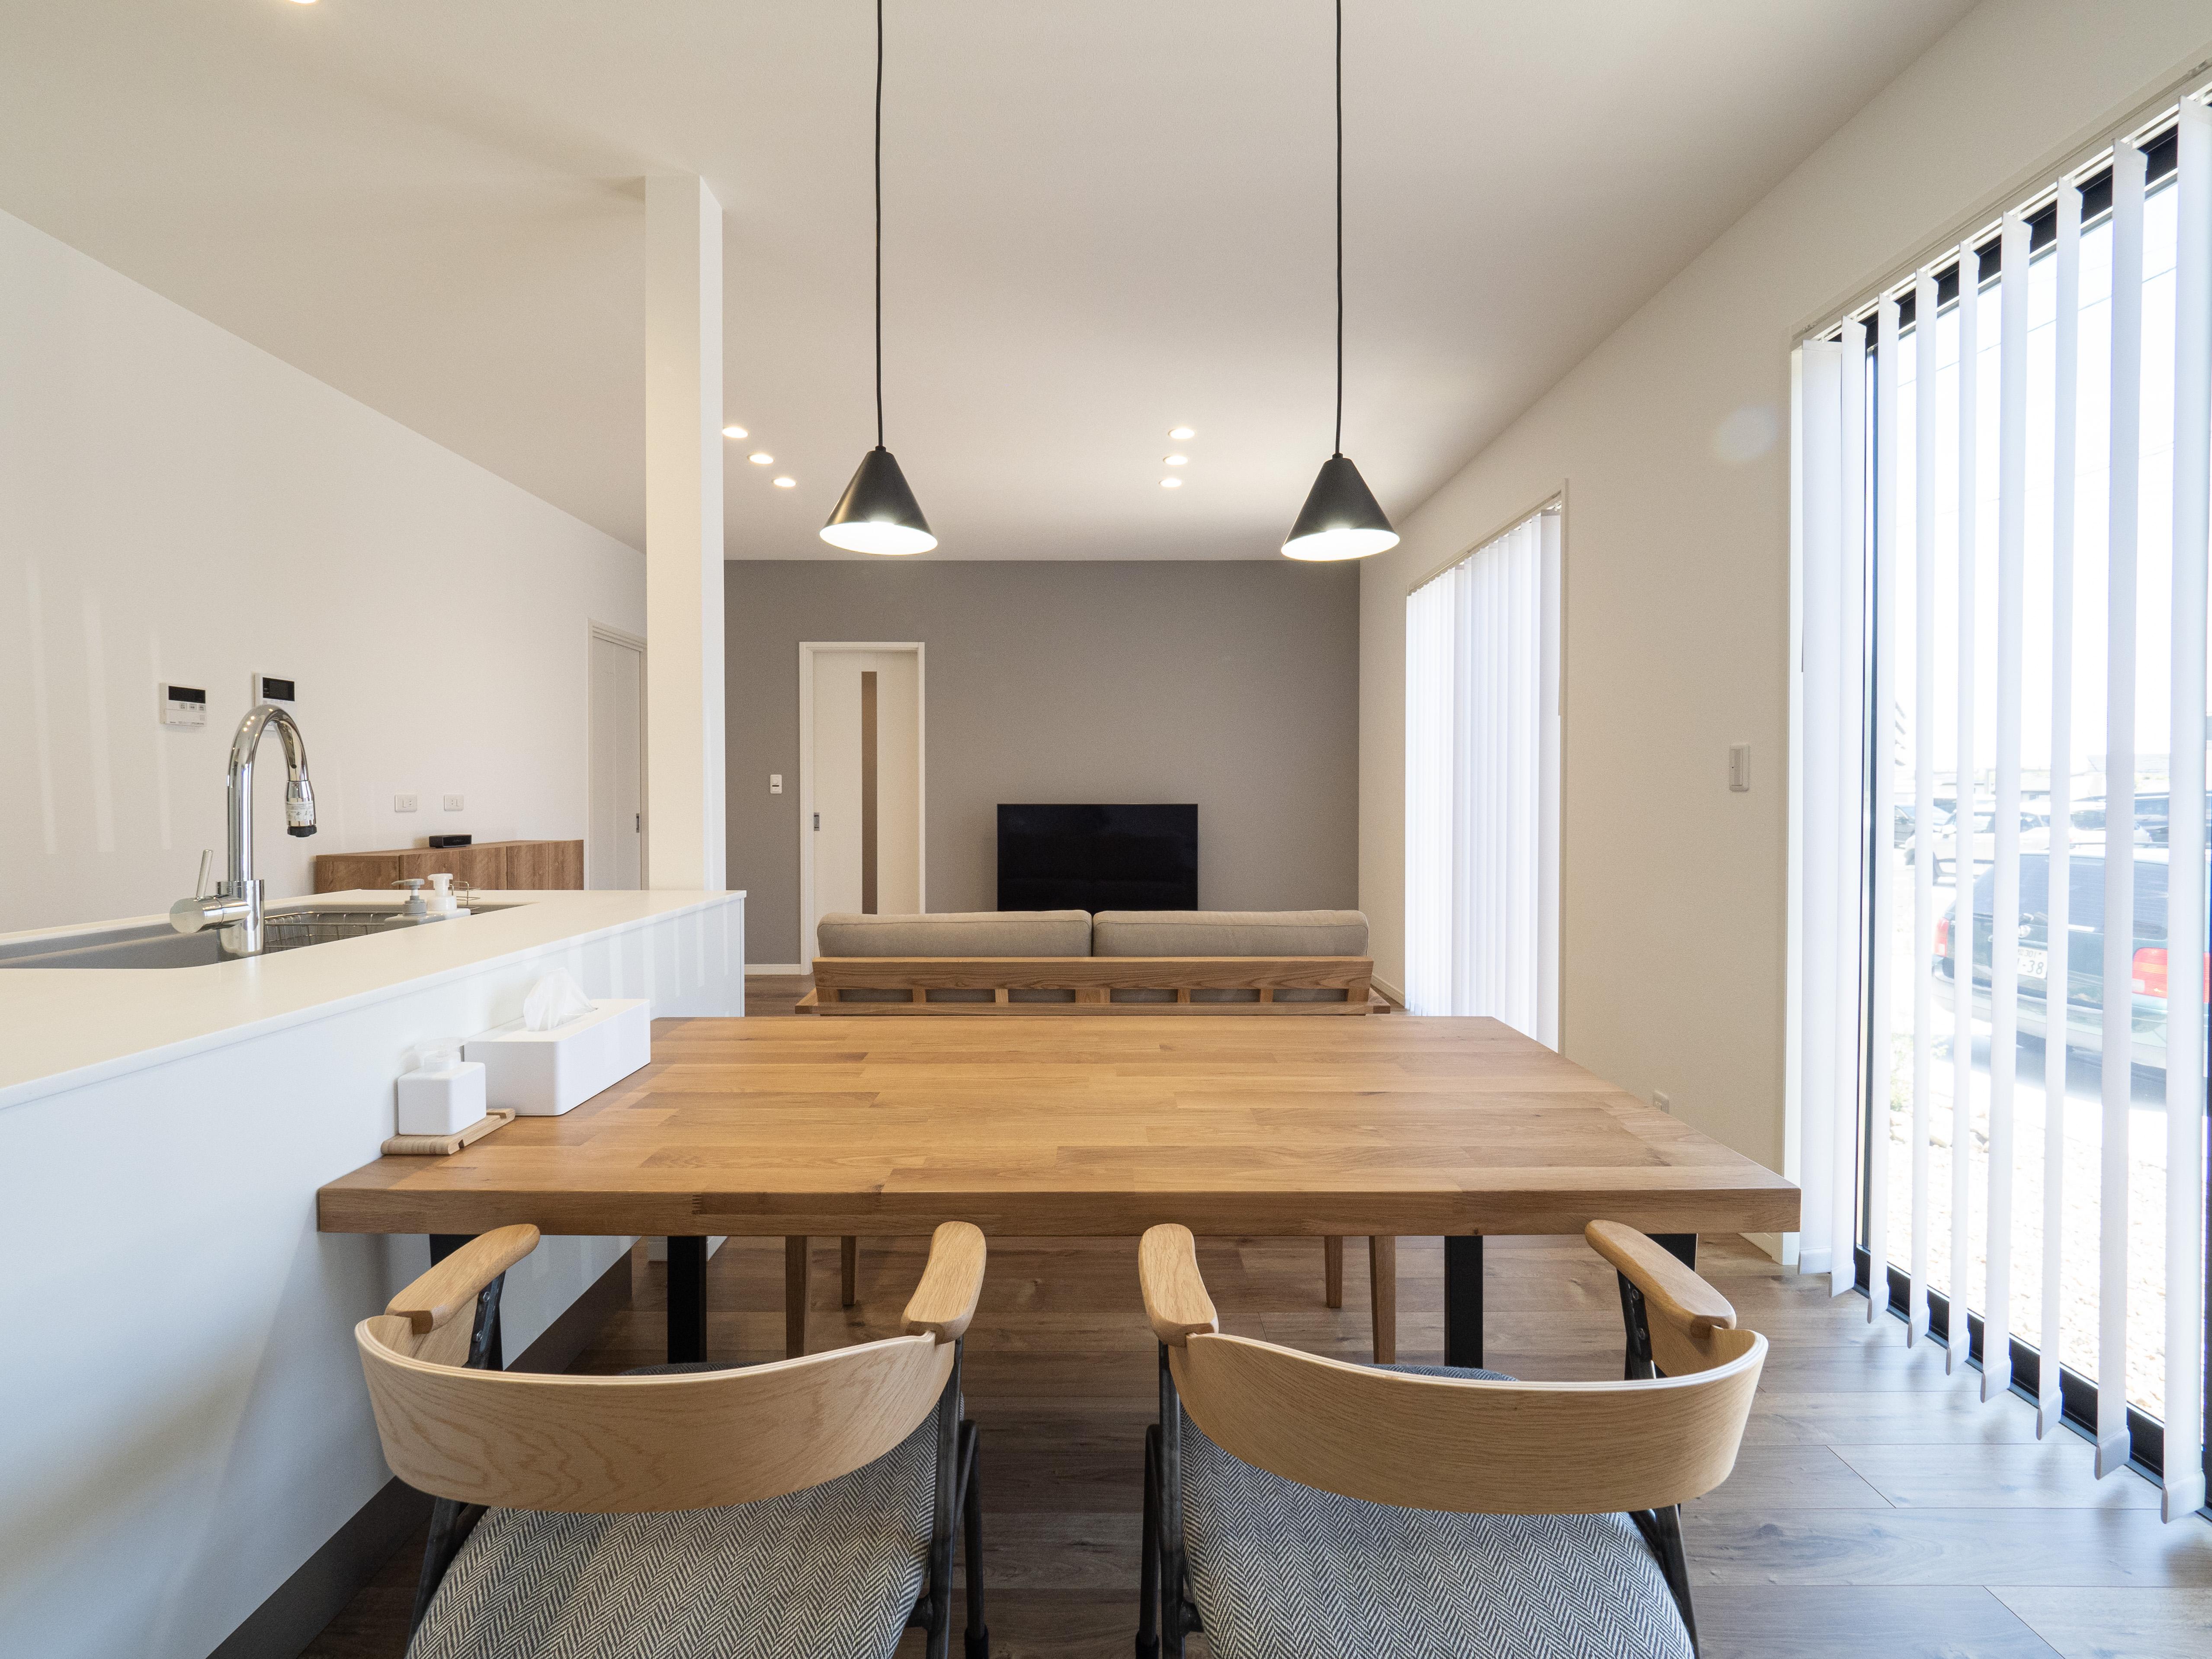 クレバリーホーム浜松東店【デザイン住宅、夫婦で暮らす、間取り】白とナチュラルな木目を基調とした、柔らかい色味のインテリアが素敵なK邸。ダイニングスペースは黒のペンダントライトでアクセントを